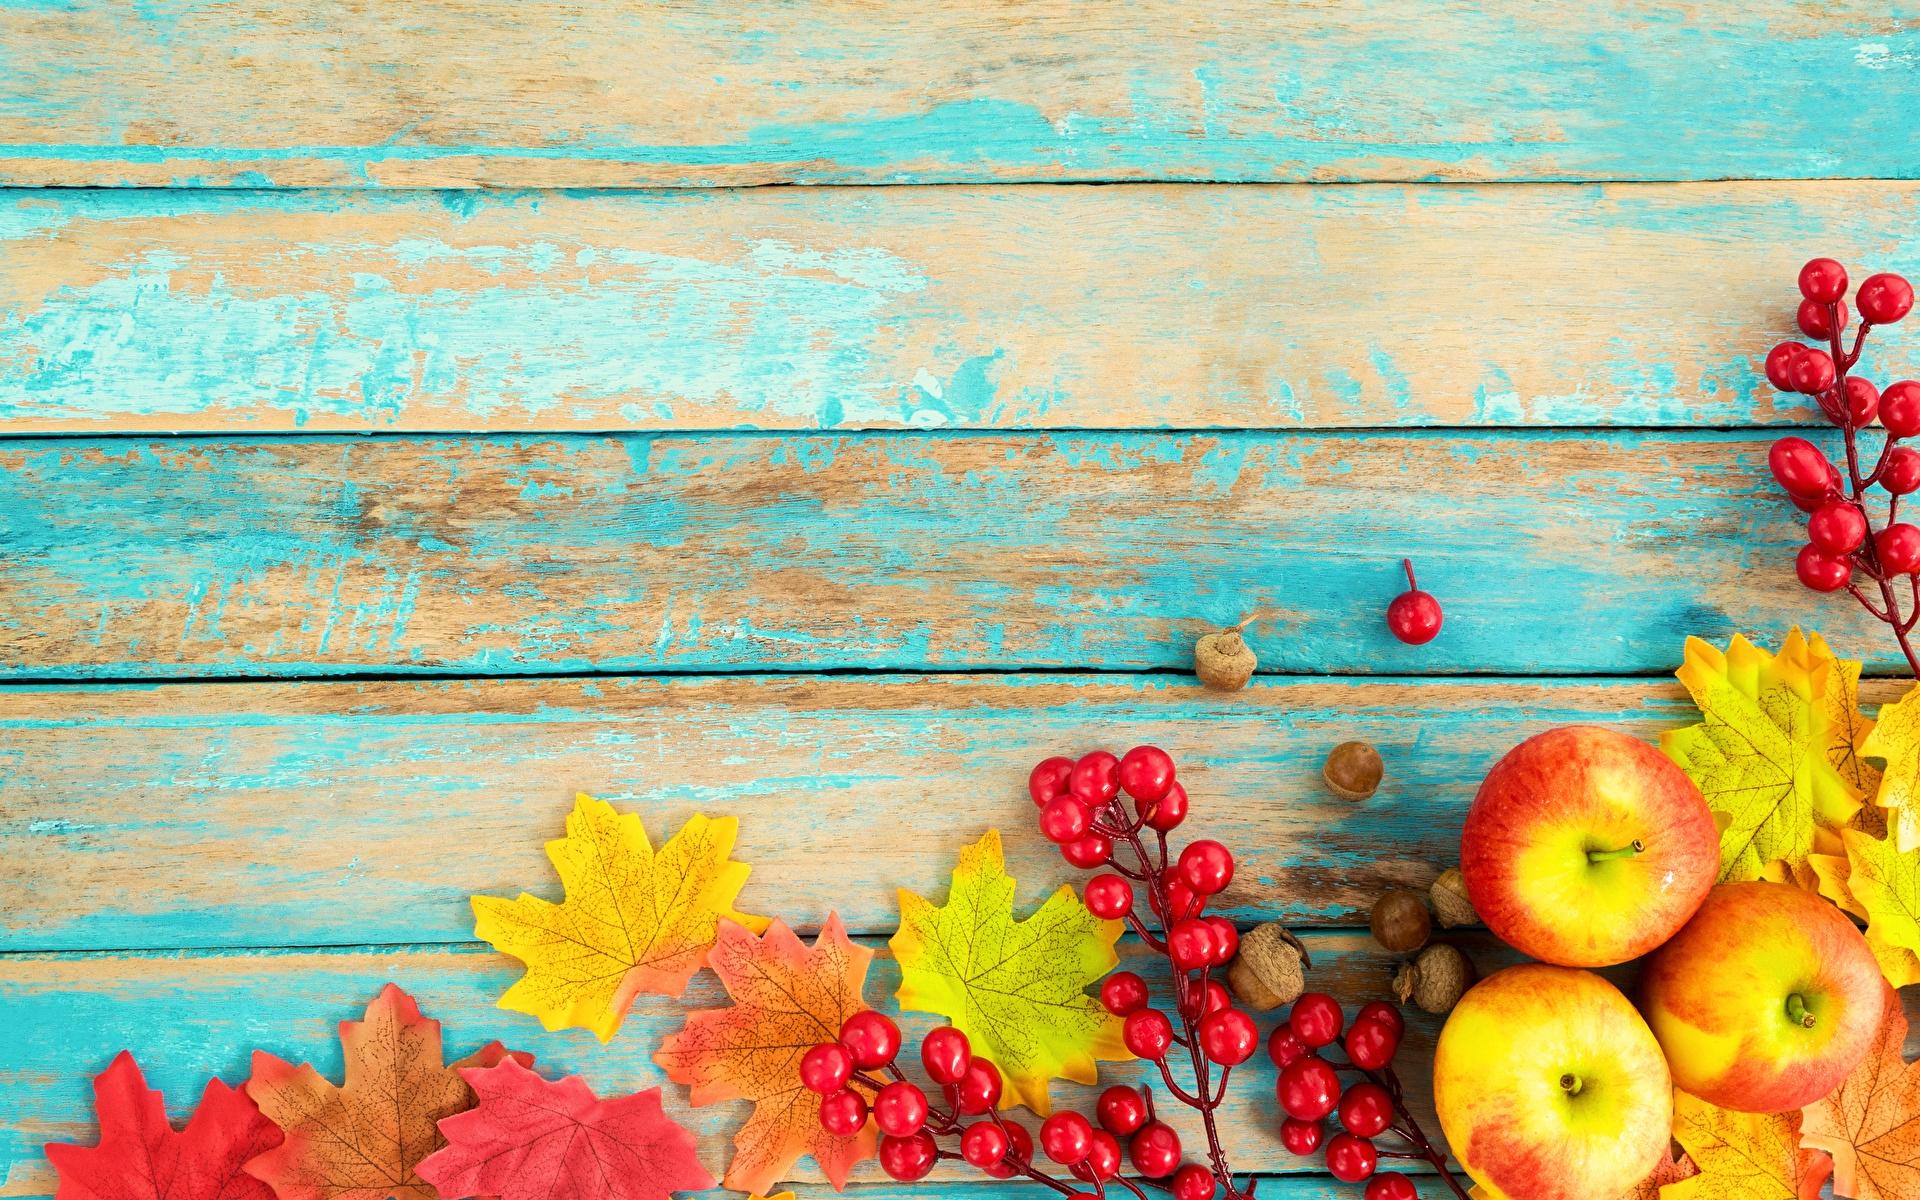 Картинка осенние Яблоки Продукты питания Шаблон поздравительной открытки Доски 1920x1200 Осень Еда Пища